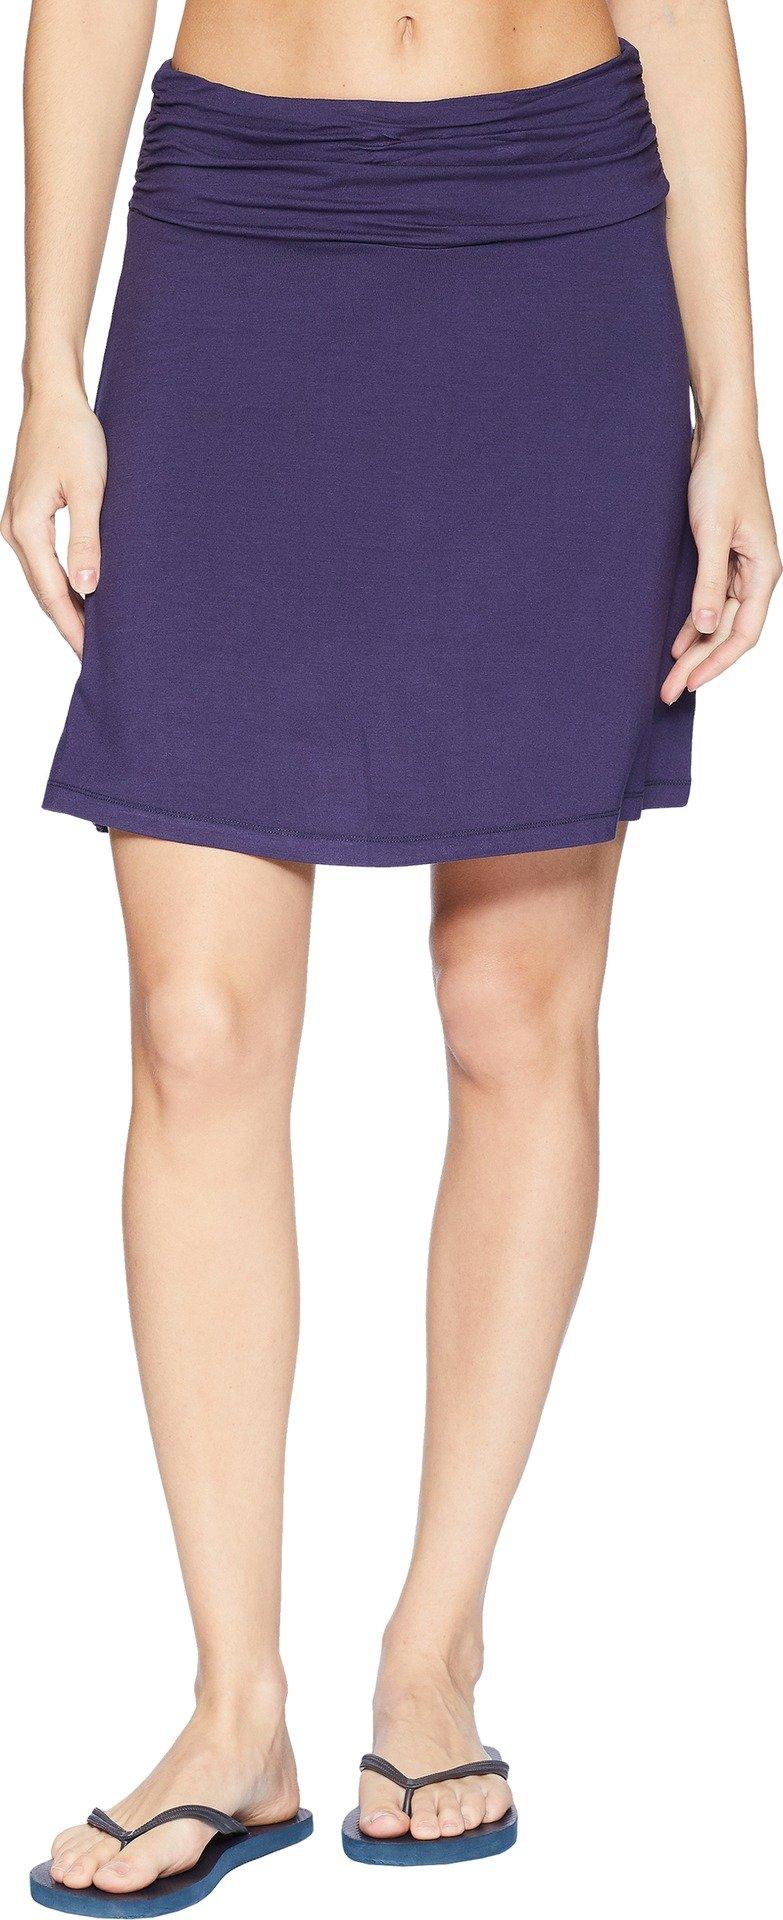 White Sierra Women's Tangier Odor Free Skirt, Eclipse Blue, Small